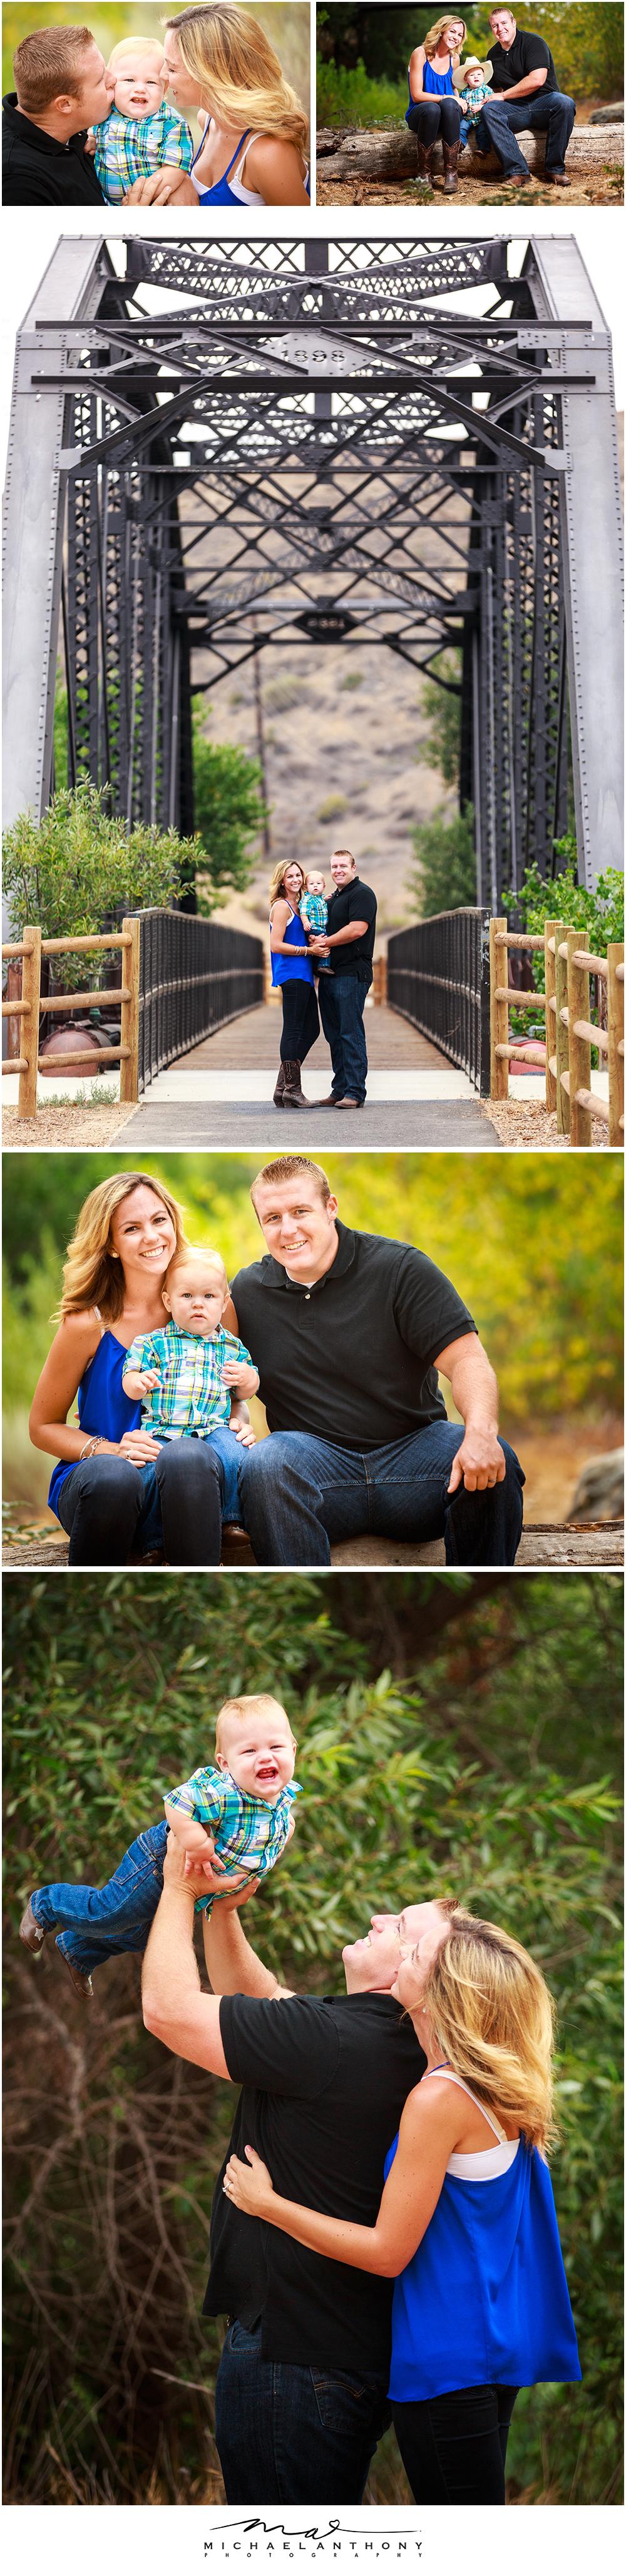 Valencia Family Photographer